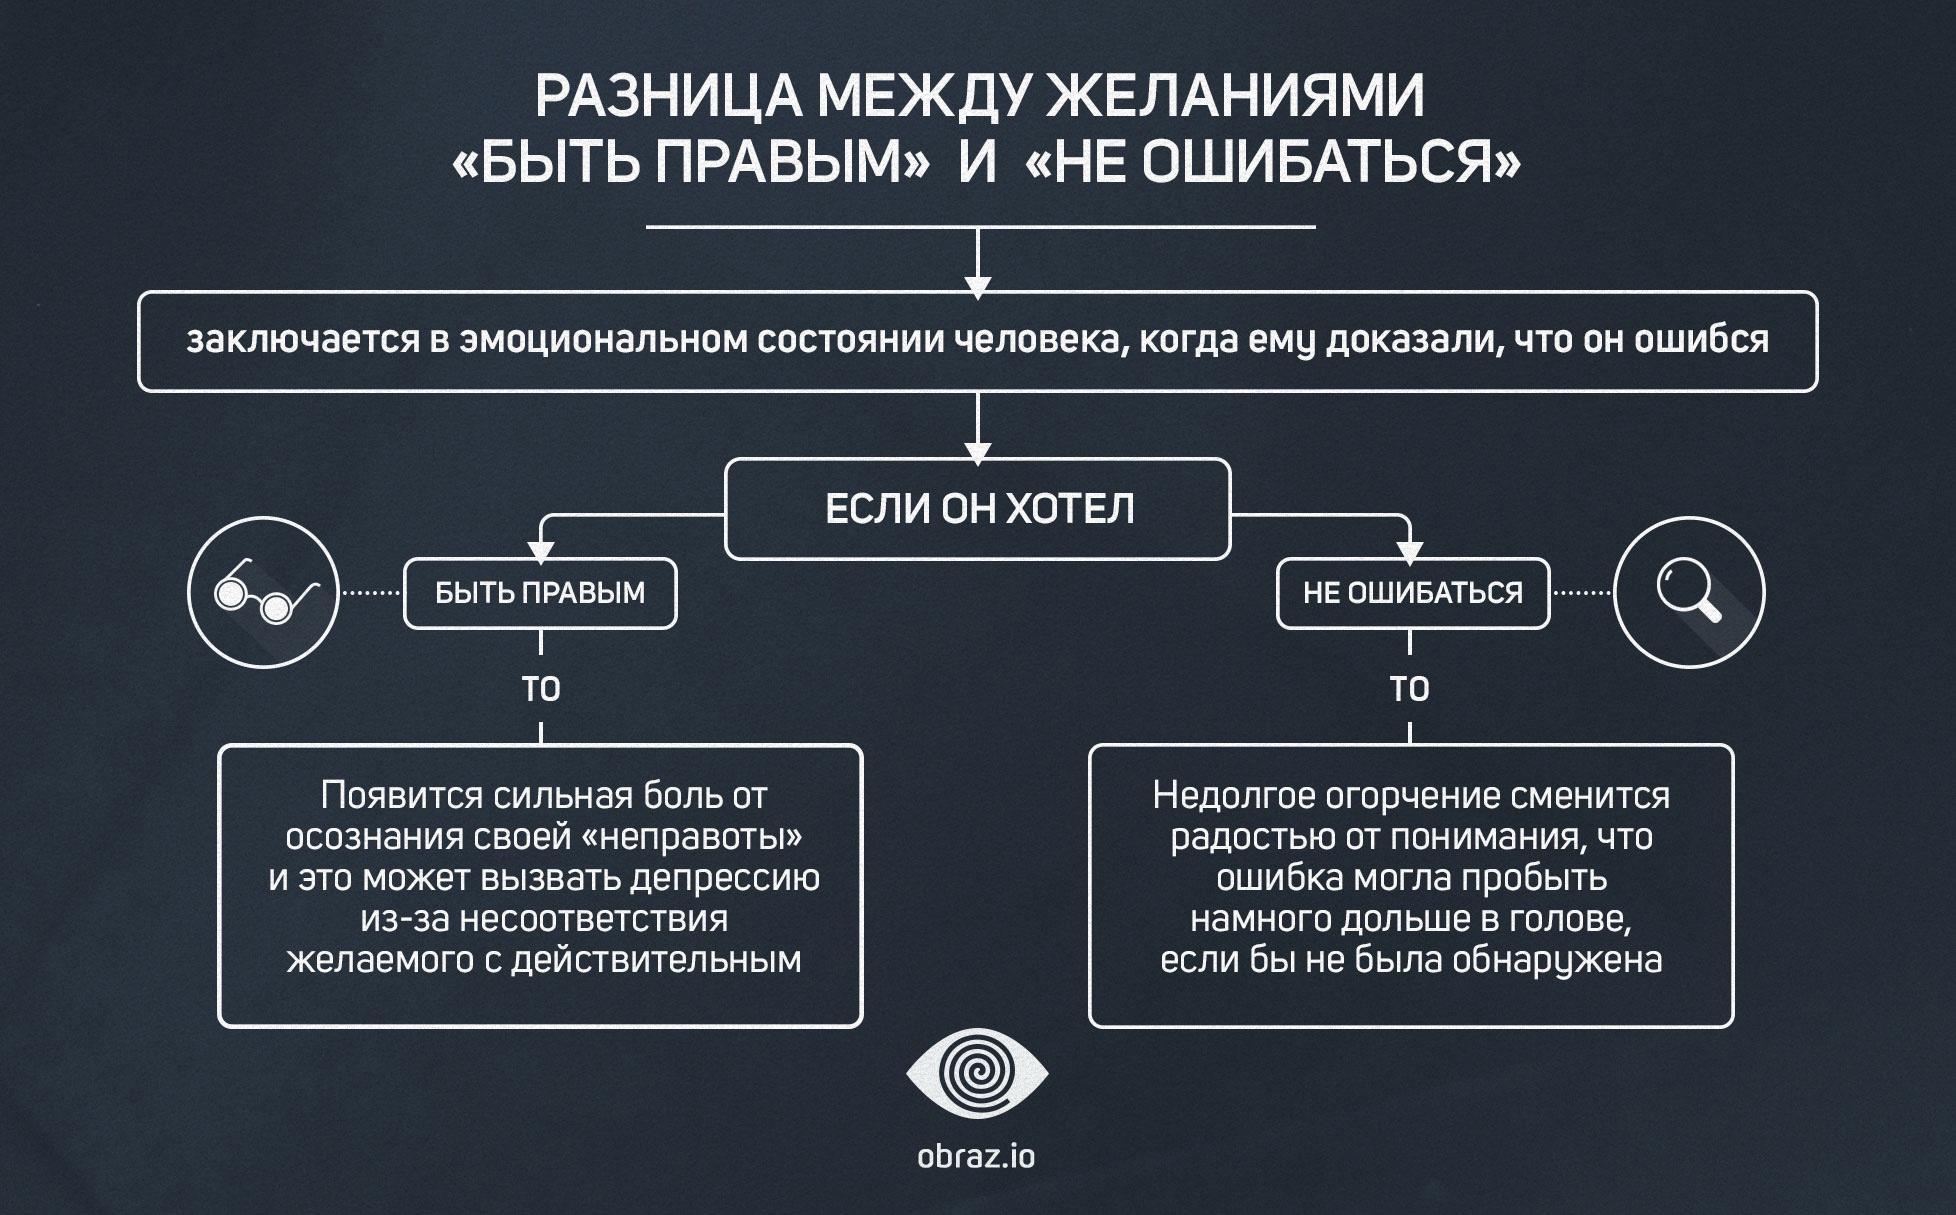 Email:learningkurakov@gmail com3292 hdrbkd.4azw5vzpvi